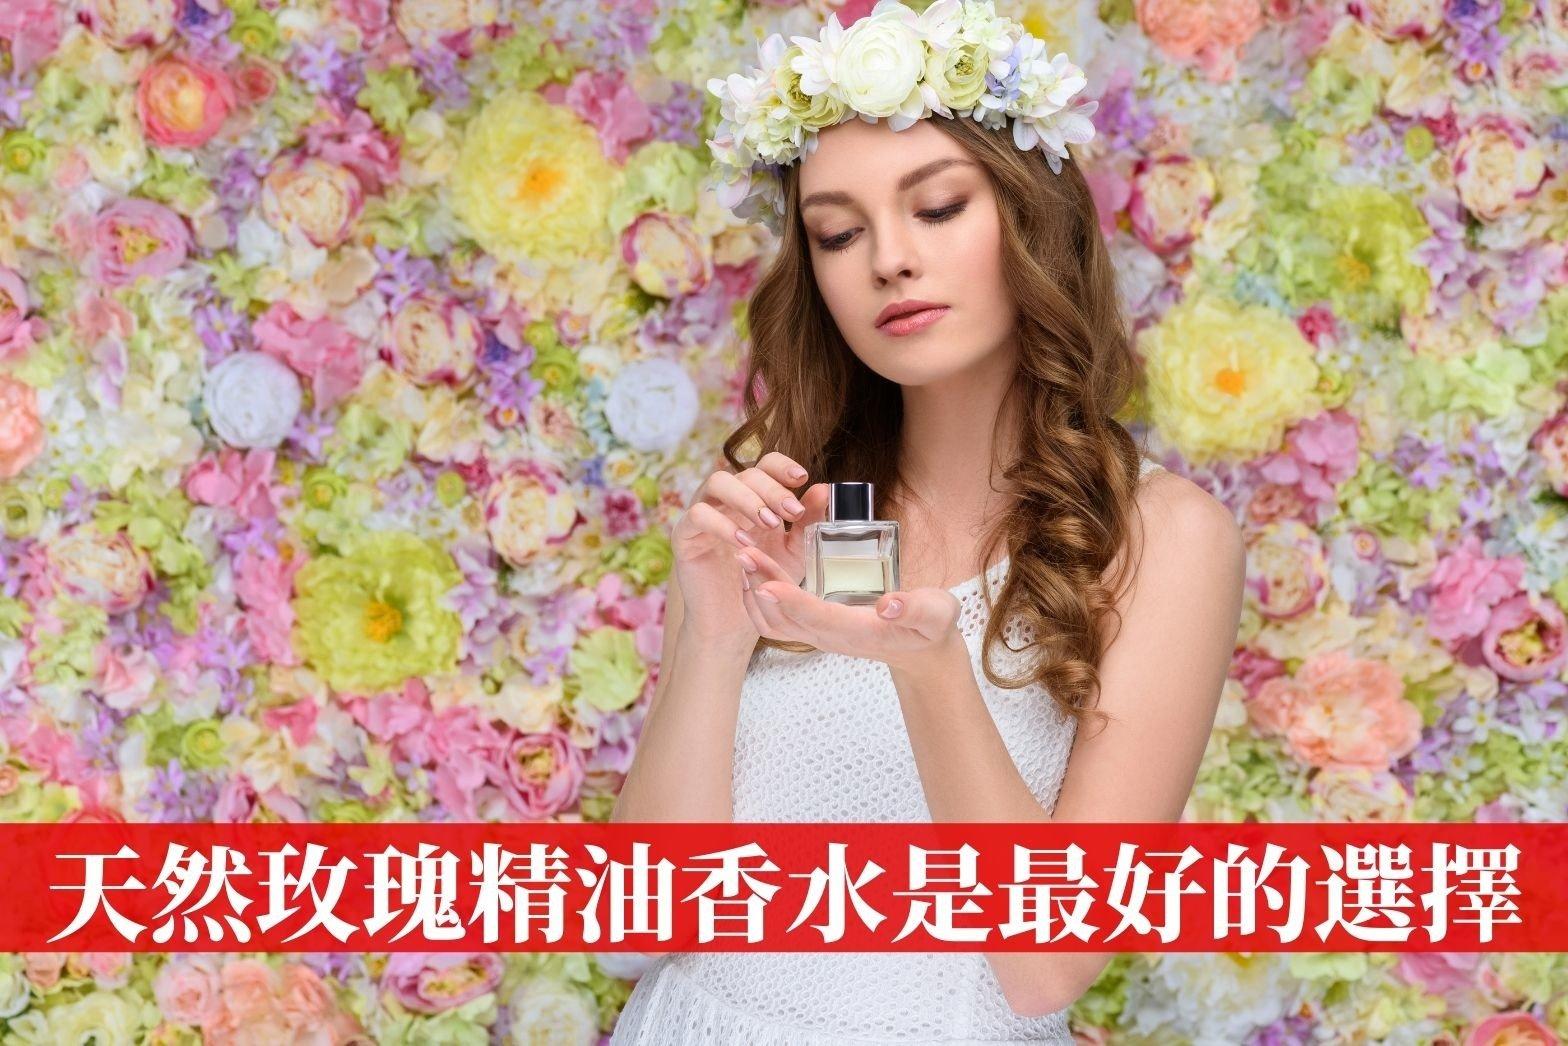 香水怎麼挑?日本研究發現天然玫瑰精油香水比品牌香水吸引力更強!